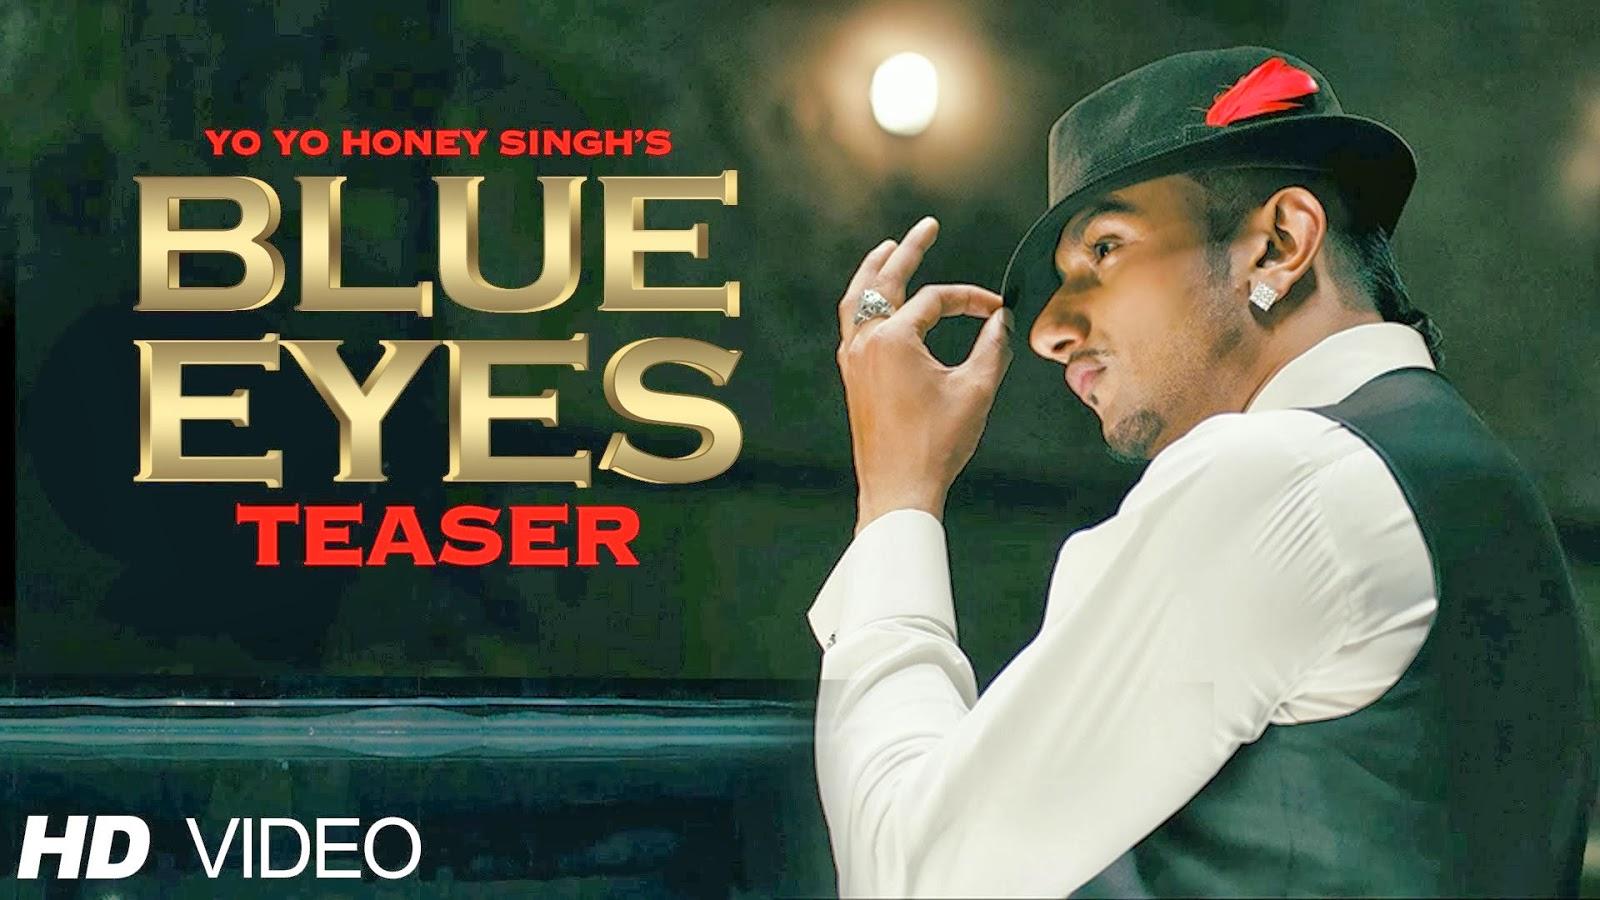 the life of yo yo honey This video is about indian rapstar yo yo honey singh hirdesh singh, better known by his stage name yo yo honey singh or honey singh, is an indian music prod.